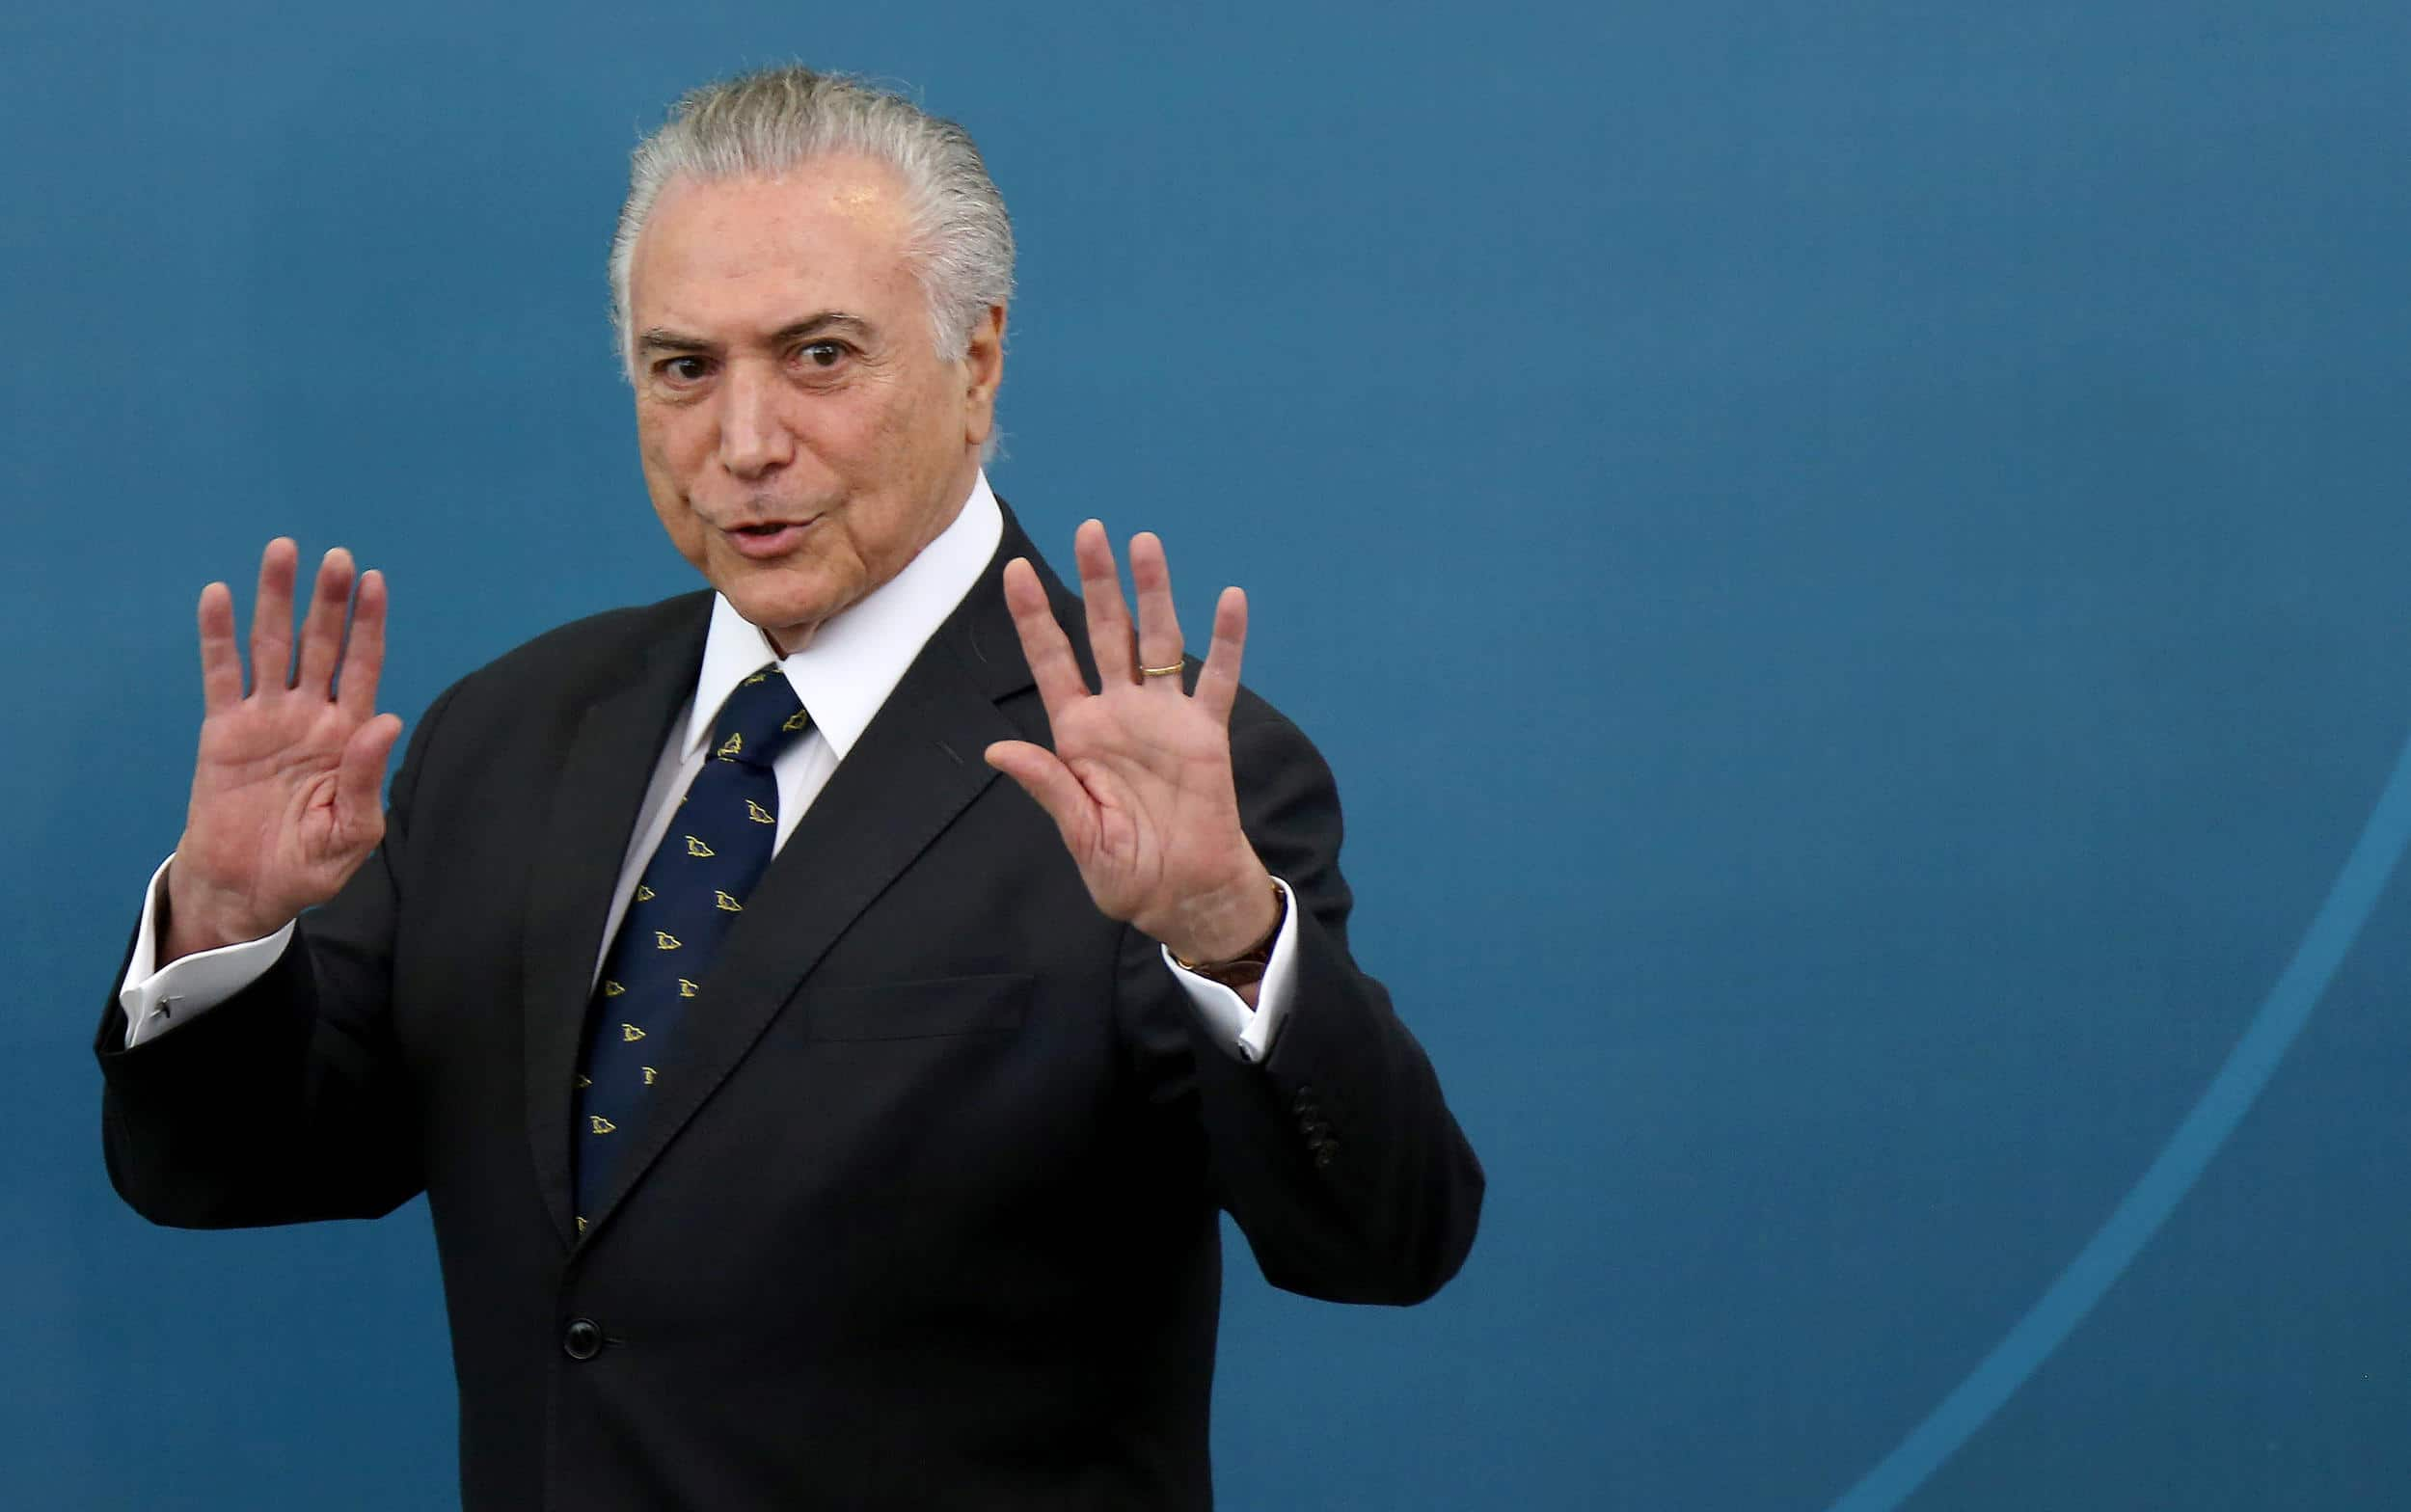 Il parlamento brasiliano ha salvato il presidente Temer dal processo per corruzione